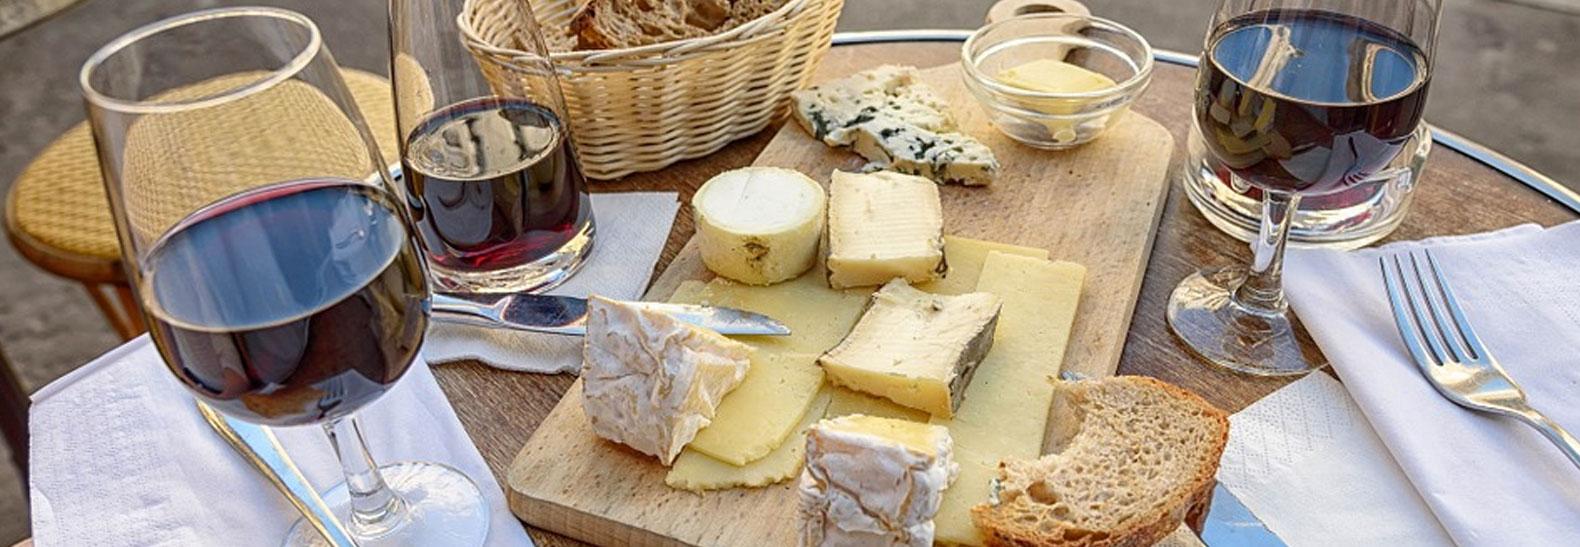 migliori formaggi toscani